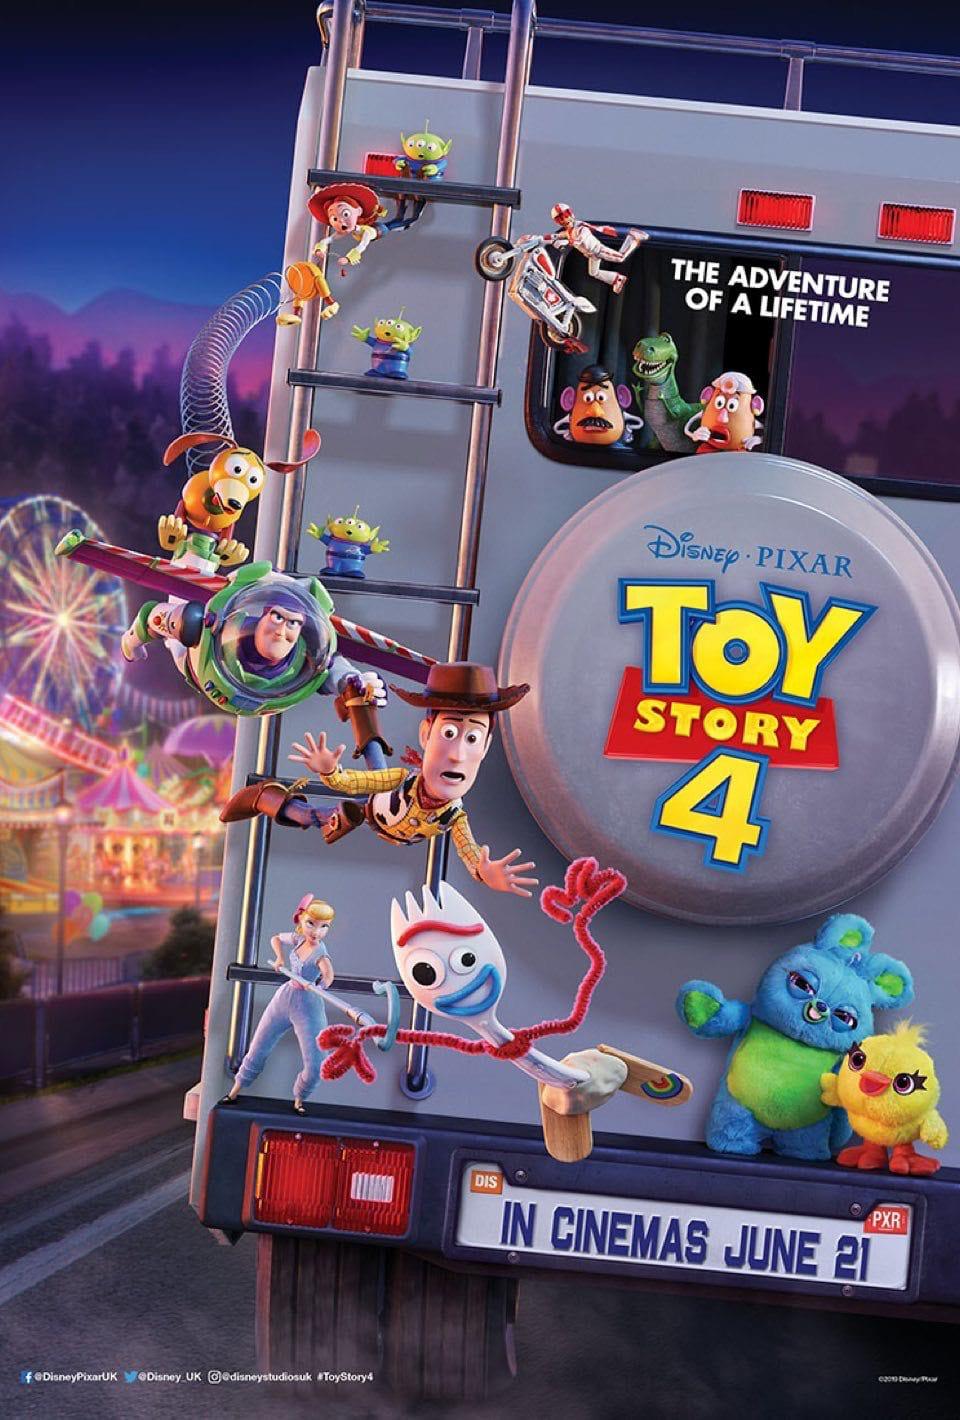 szmk_toy_story_4_disney_pixar_villi_forky_woody_buzz_bonnie_andy_jatek_haboru_a_vegtelenbe_es_tovabb_8.jpg